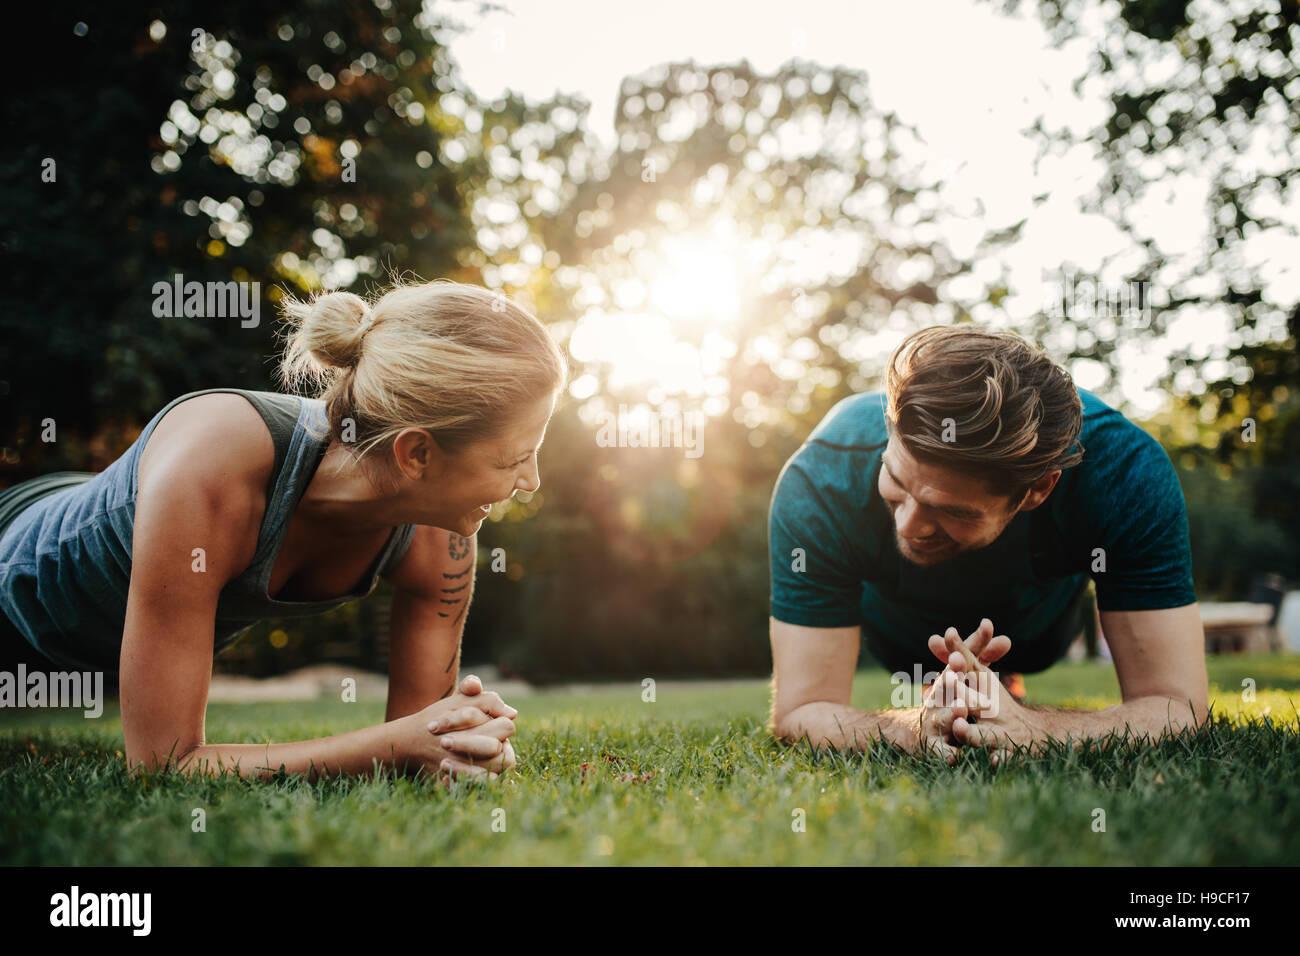 Caucasian pareja realizando entrenamiento básico juntos en el parque. Colocar jóvenes al hombre y a la Imagen De Stock